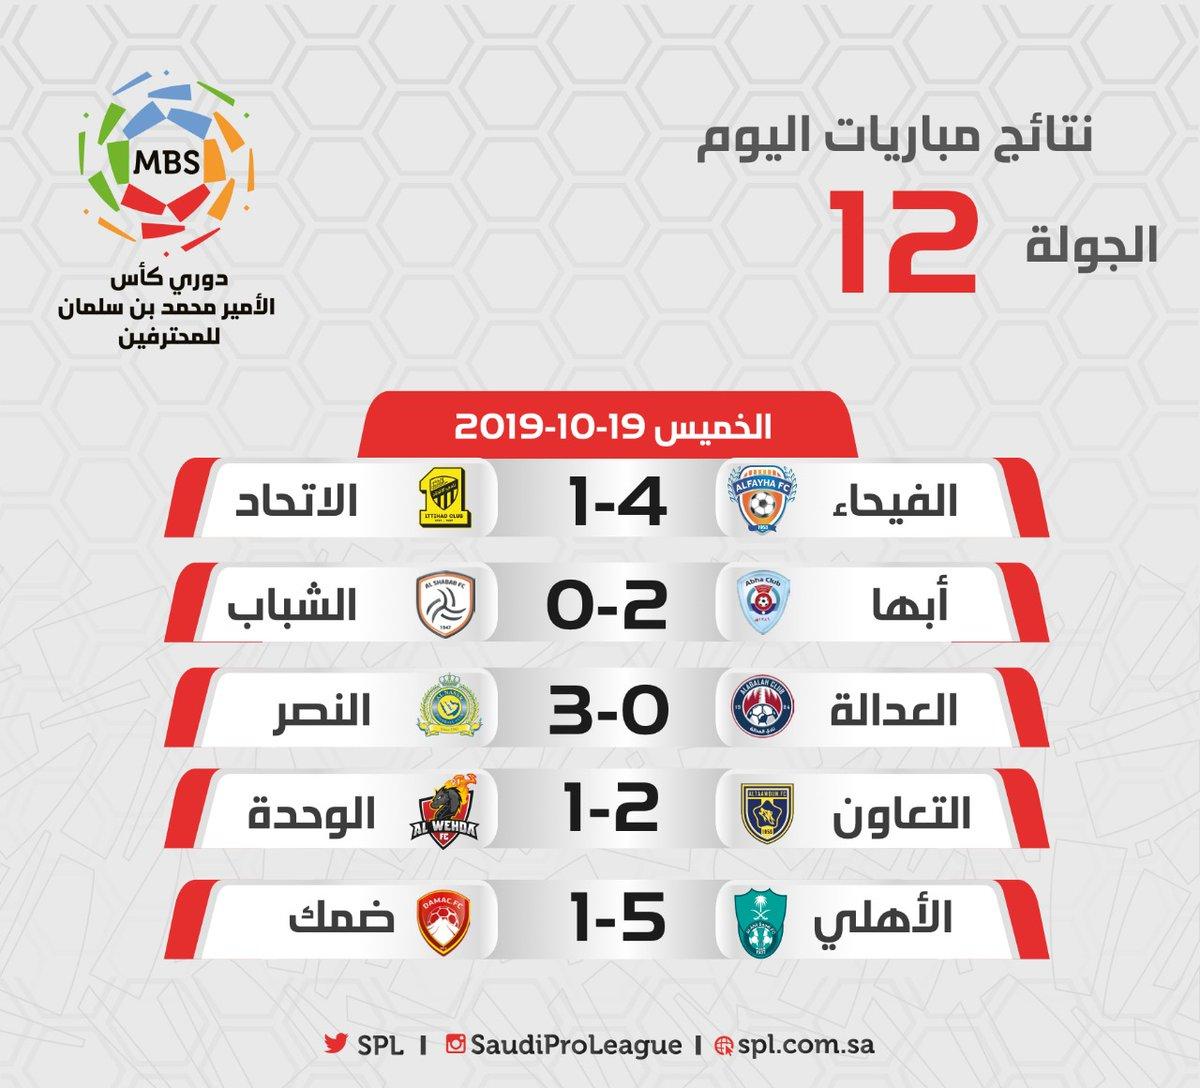 الدوري السعودي للمحترفين On Twitter 5 مباريات 19